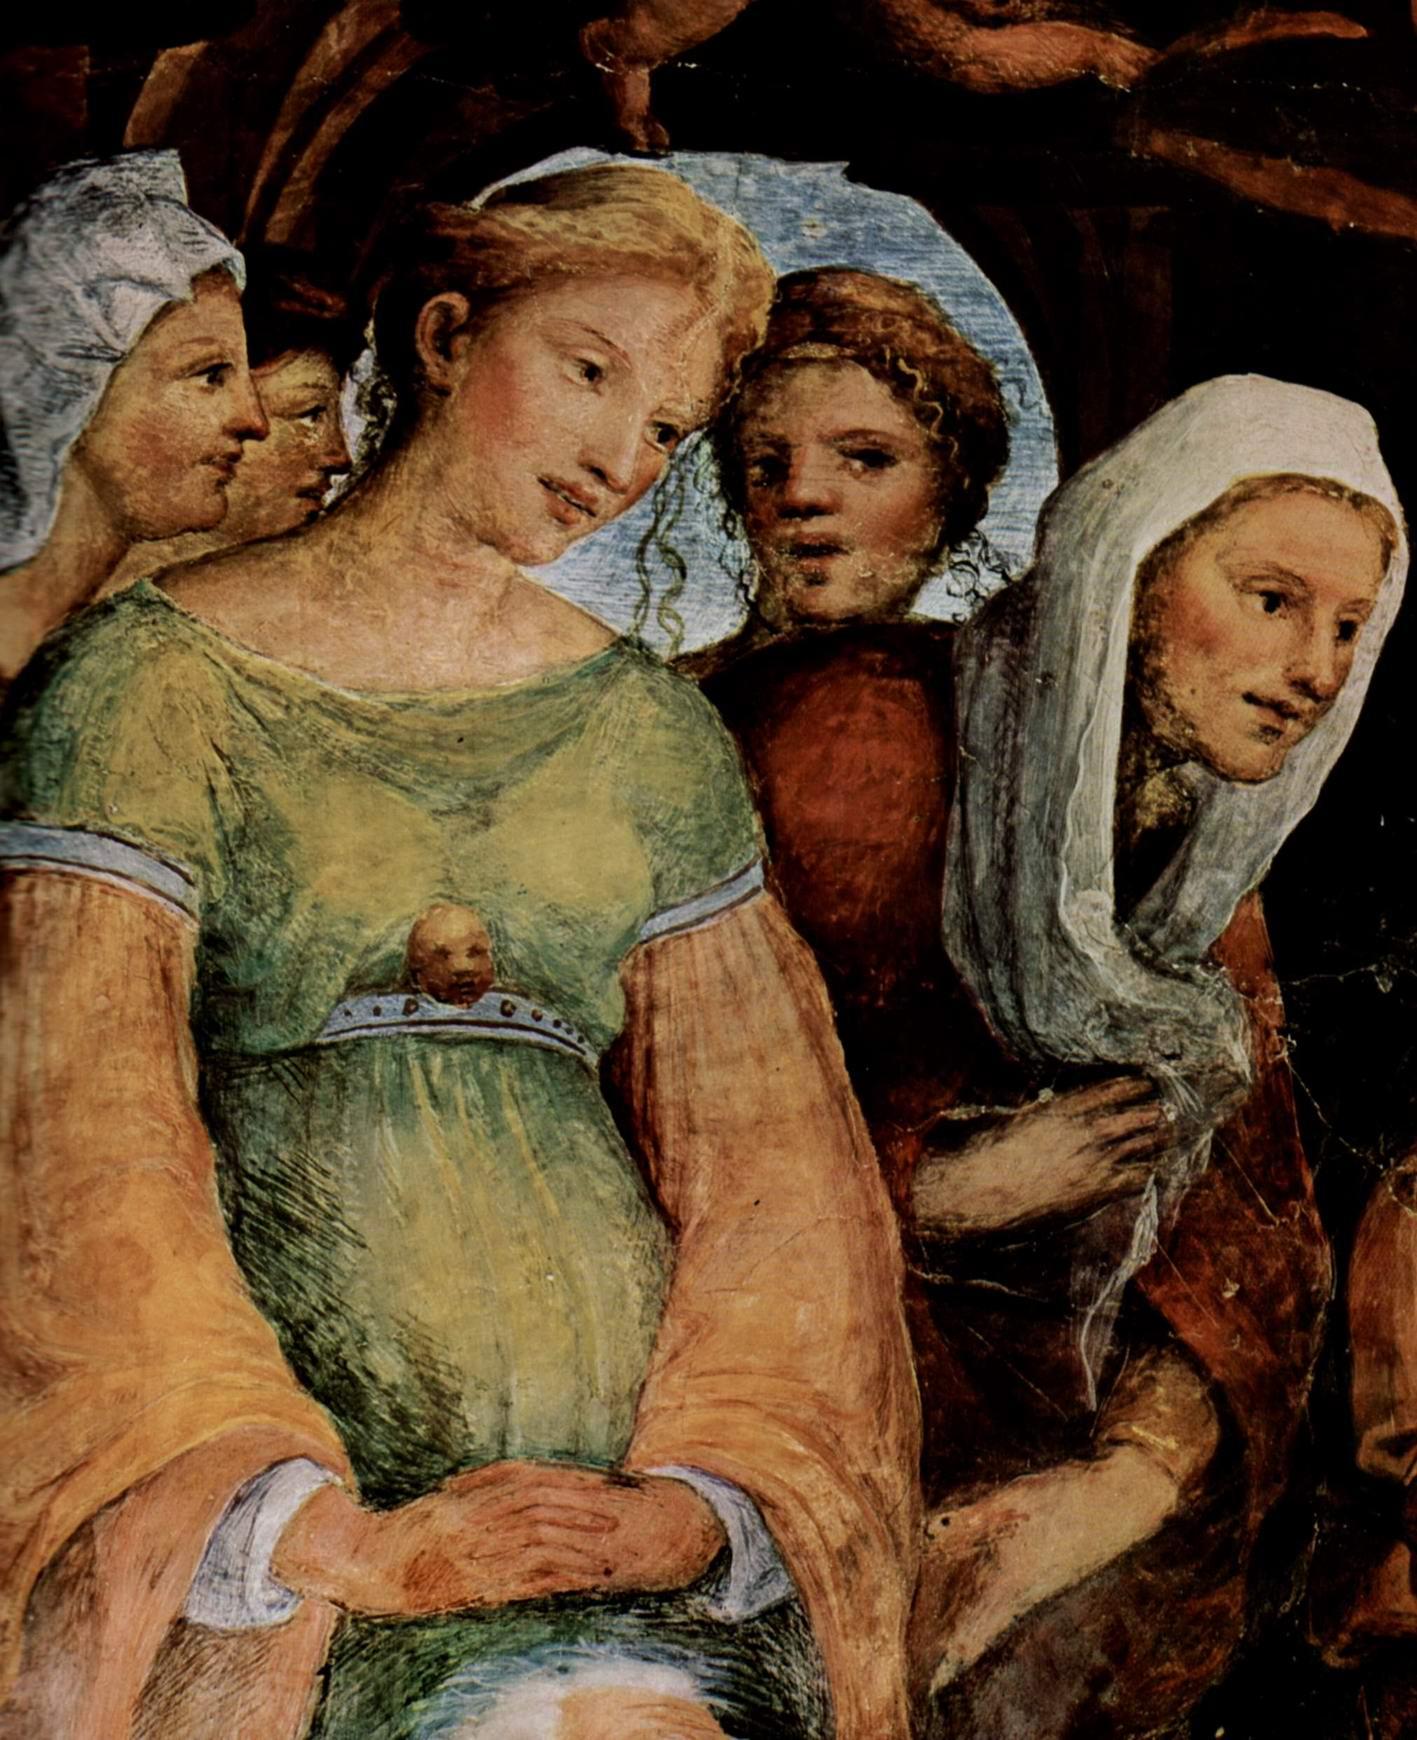 Фрески в капелле св. Бенедикта в Сиене, Смерть Марии. Деталь, Беккафуми Доменико